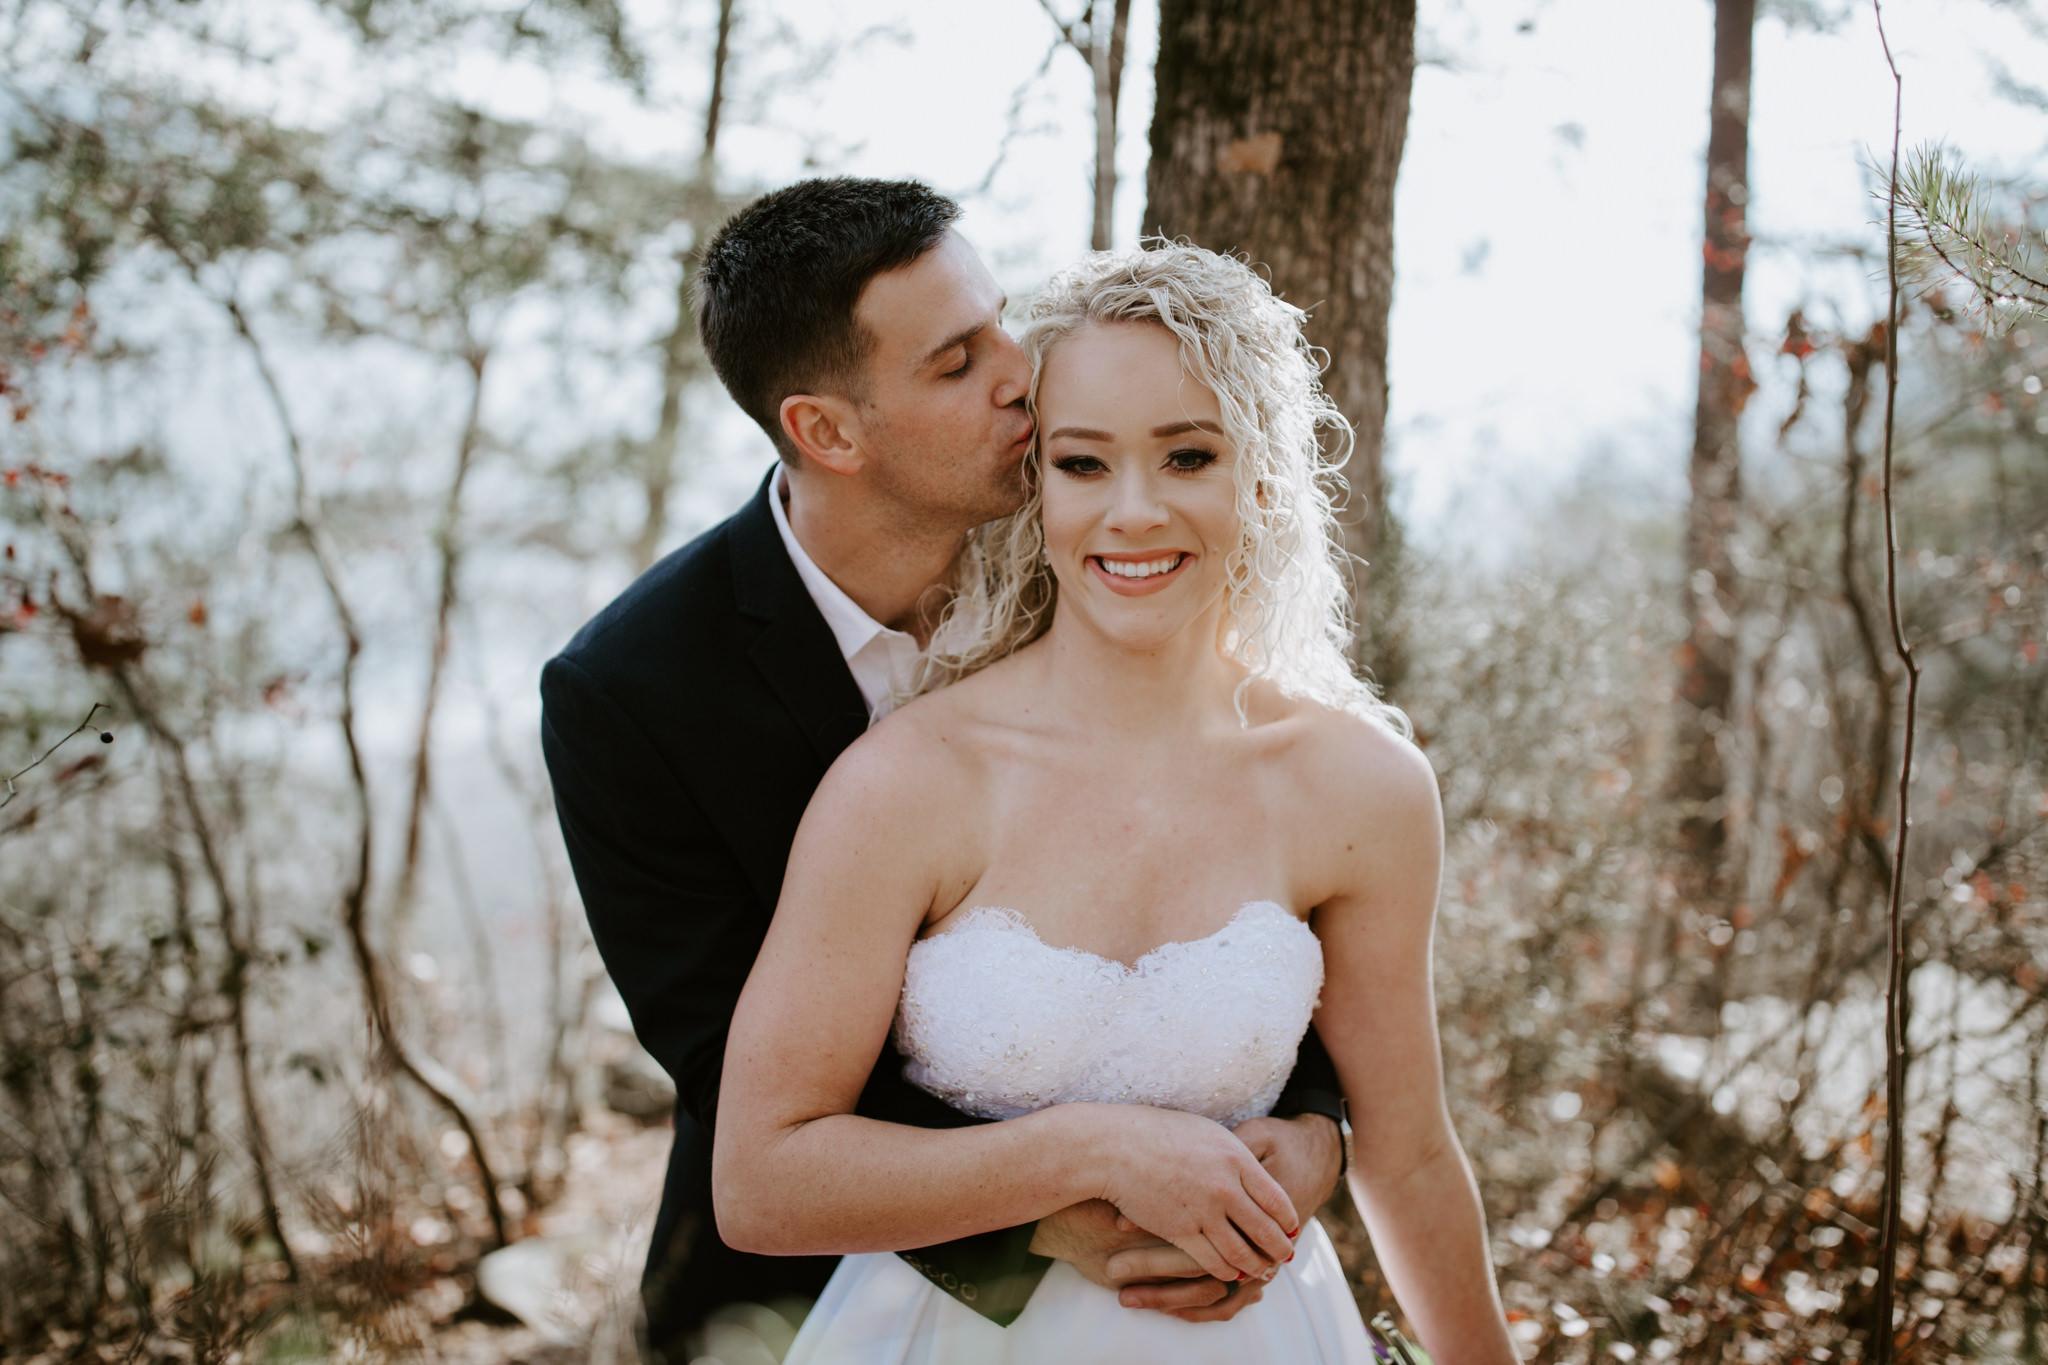 Lauren-and-Trent-Chattanooga-Nashville-Wedding-Elopement-Photographer-10.jpg